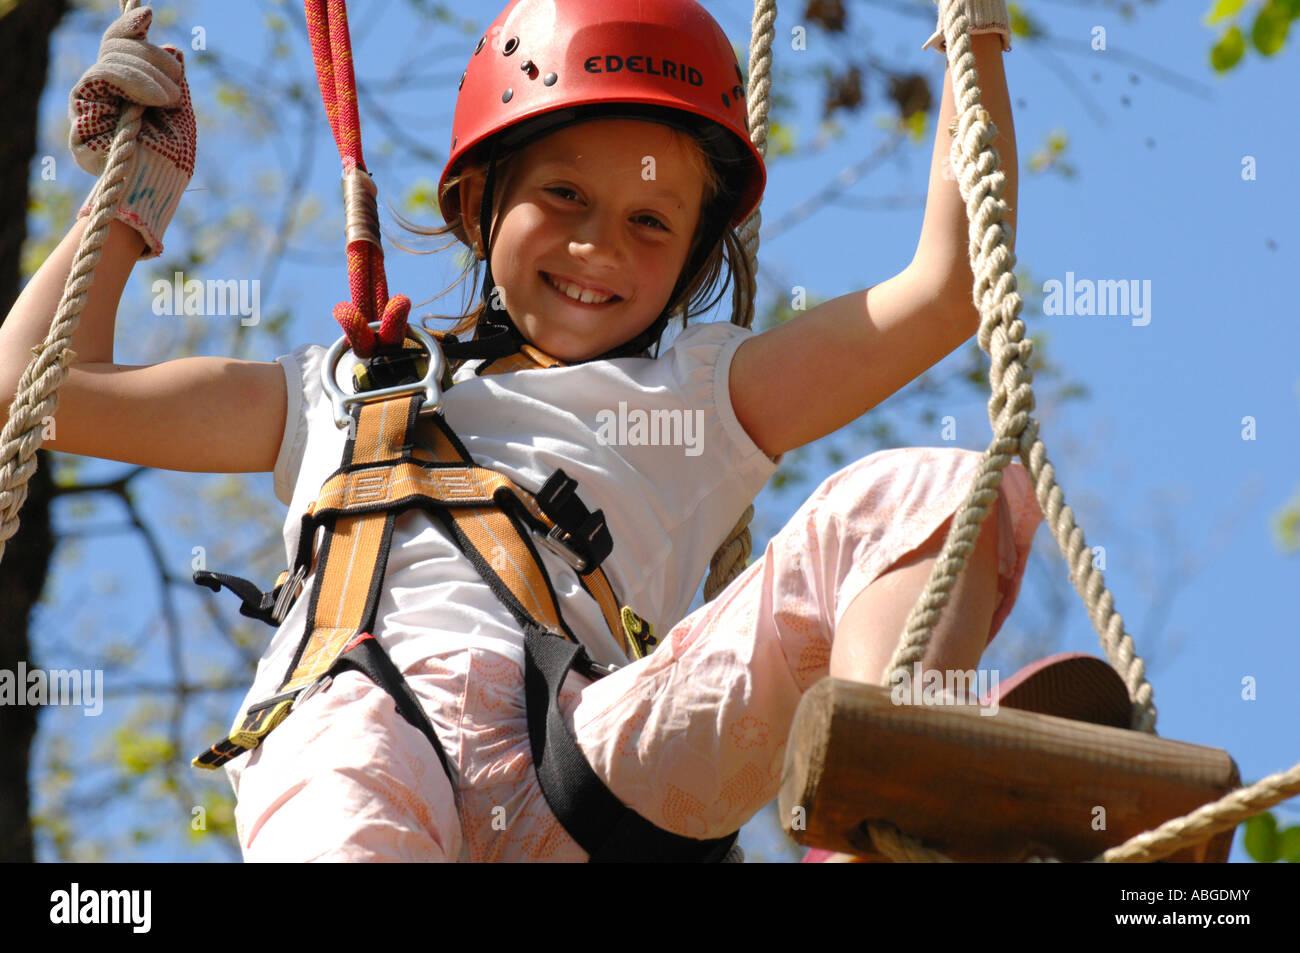 Kletterausrüstung Wiesbaden : Mädchen mit kletterausrüstung klettern wald neroberg wiesbaden